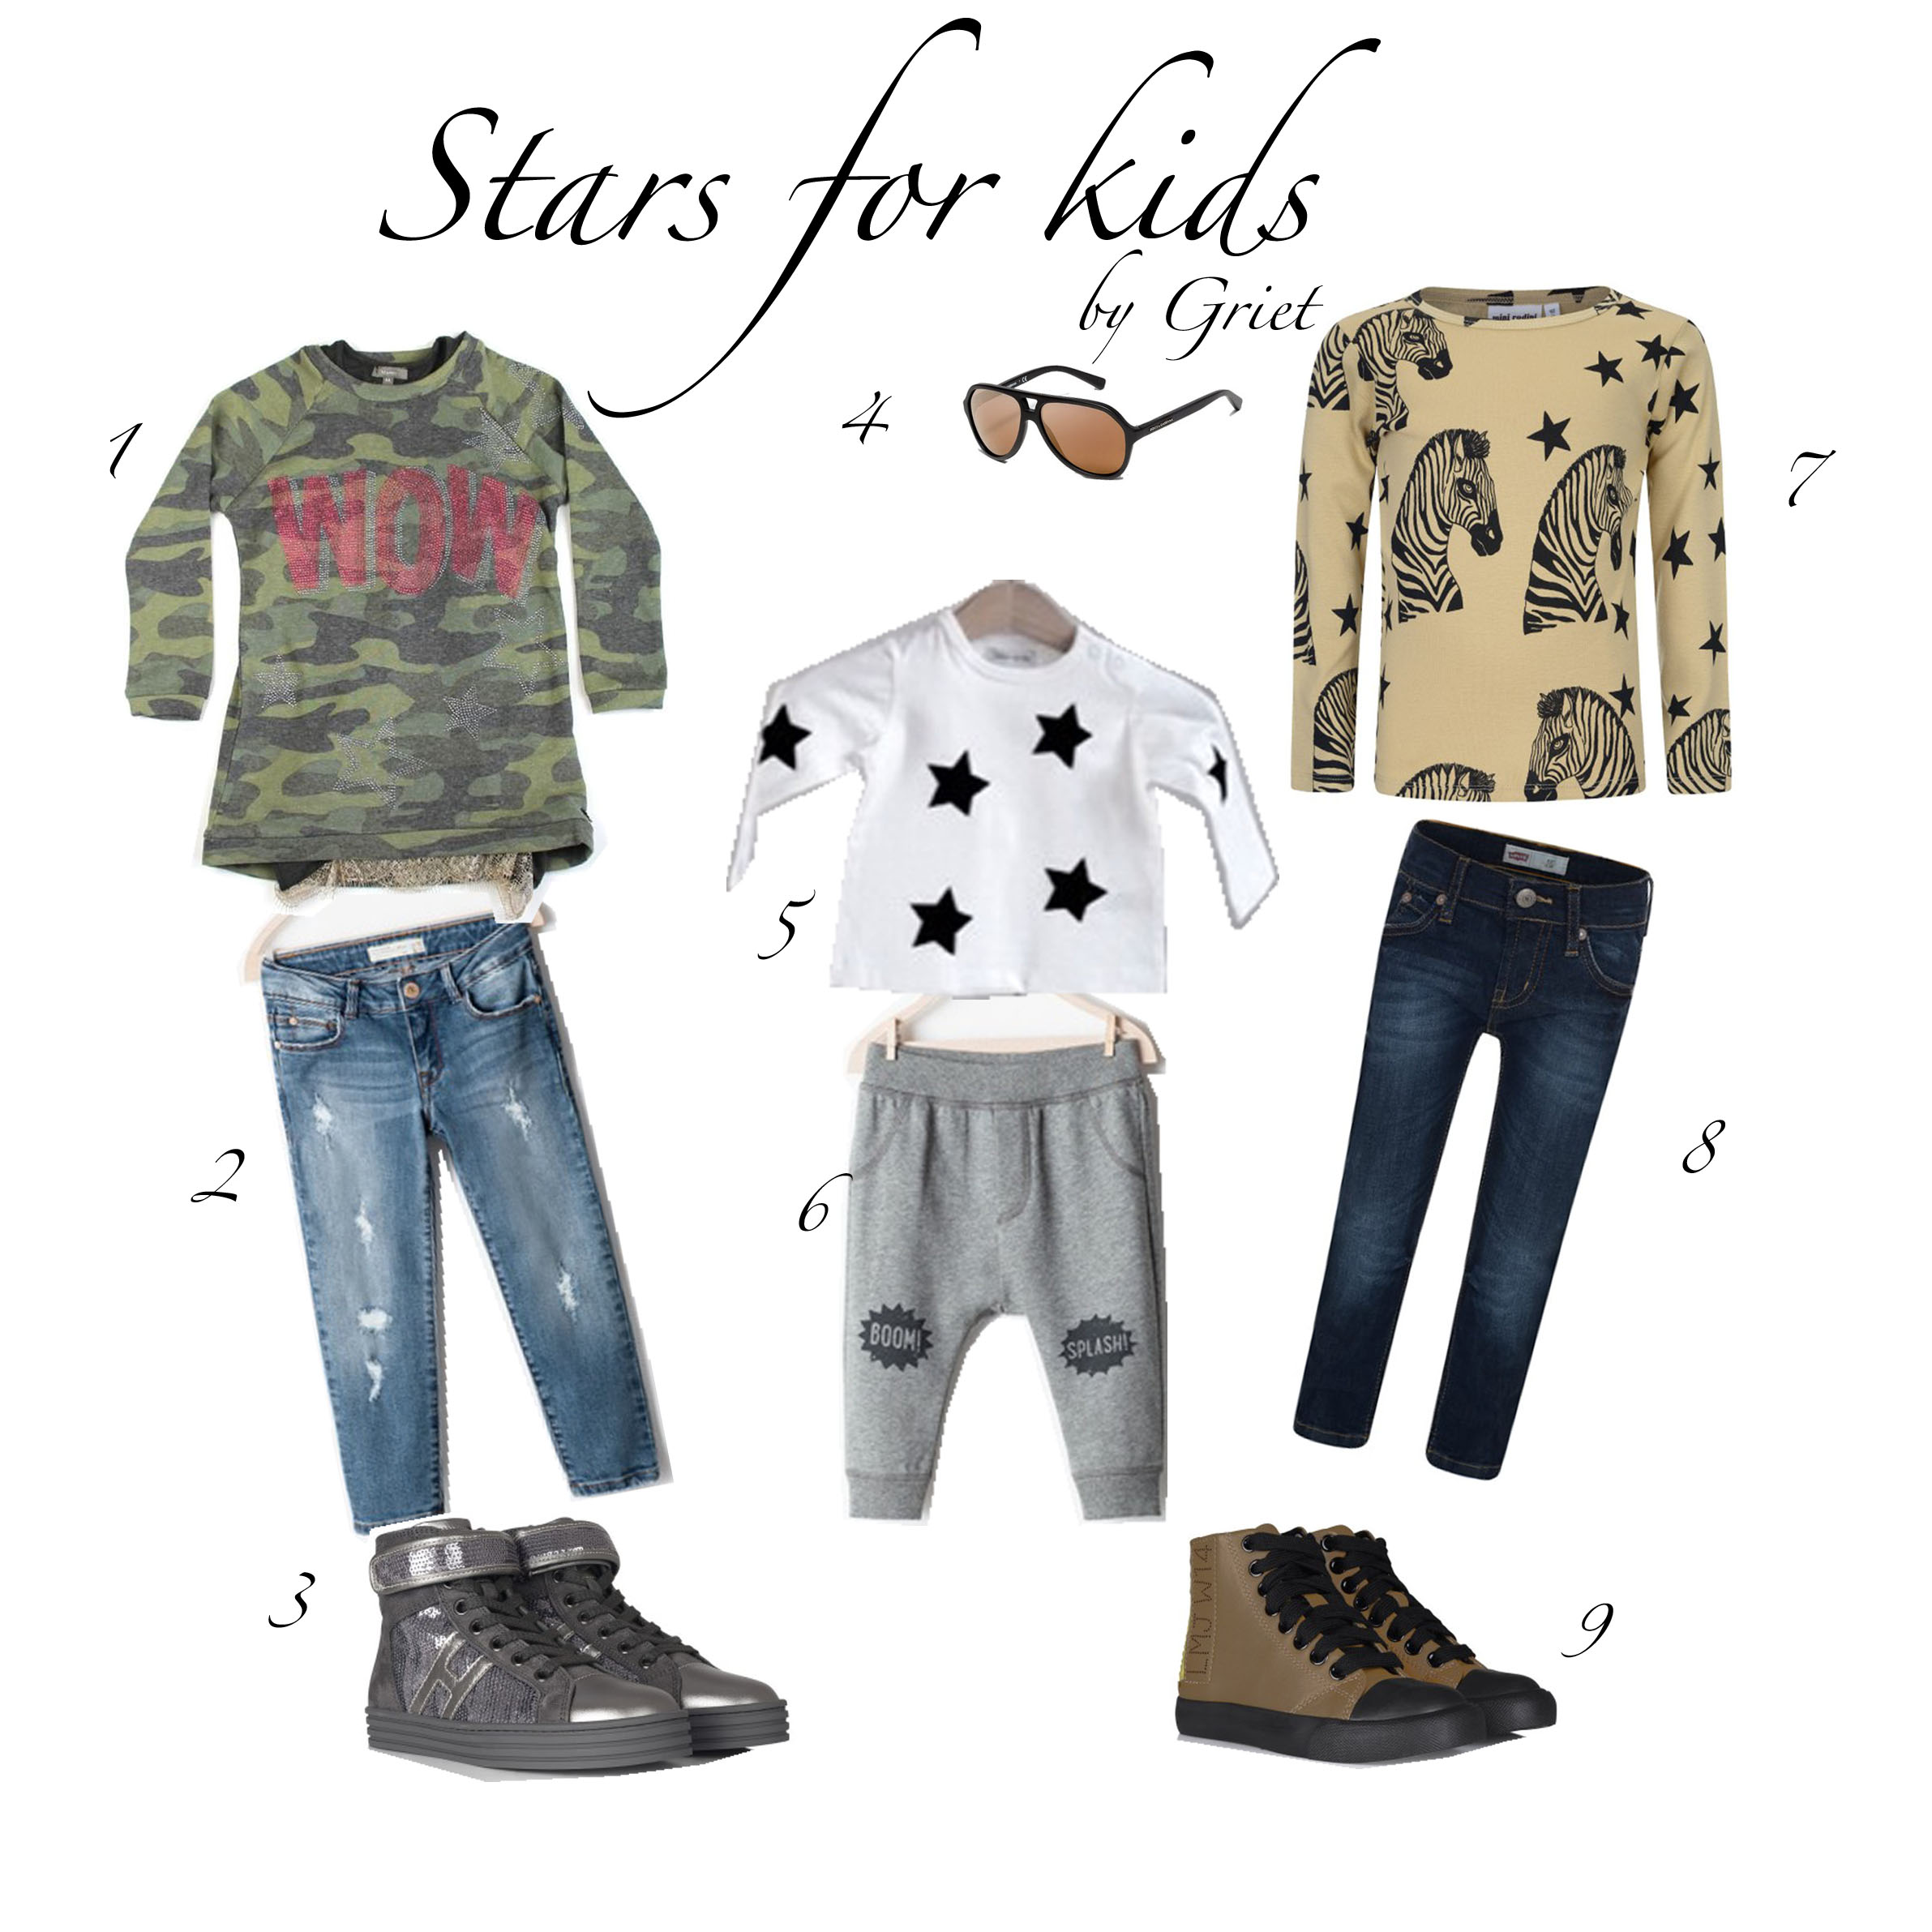 stars for kids